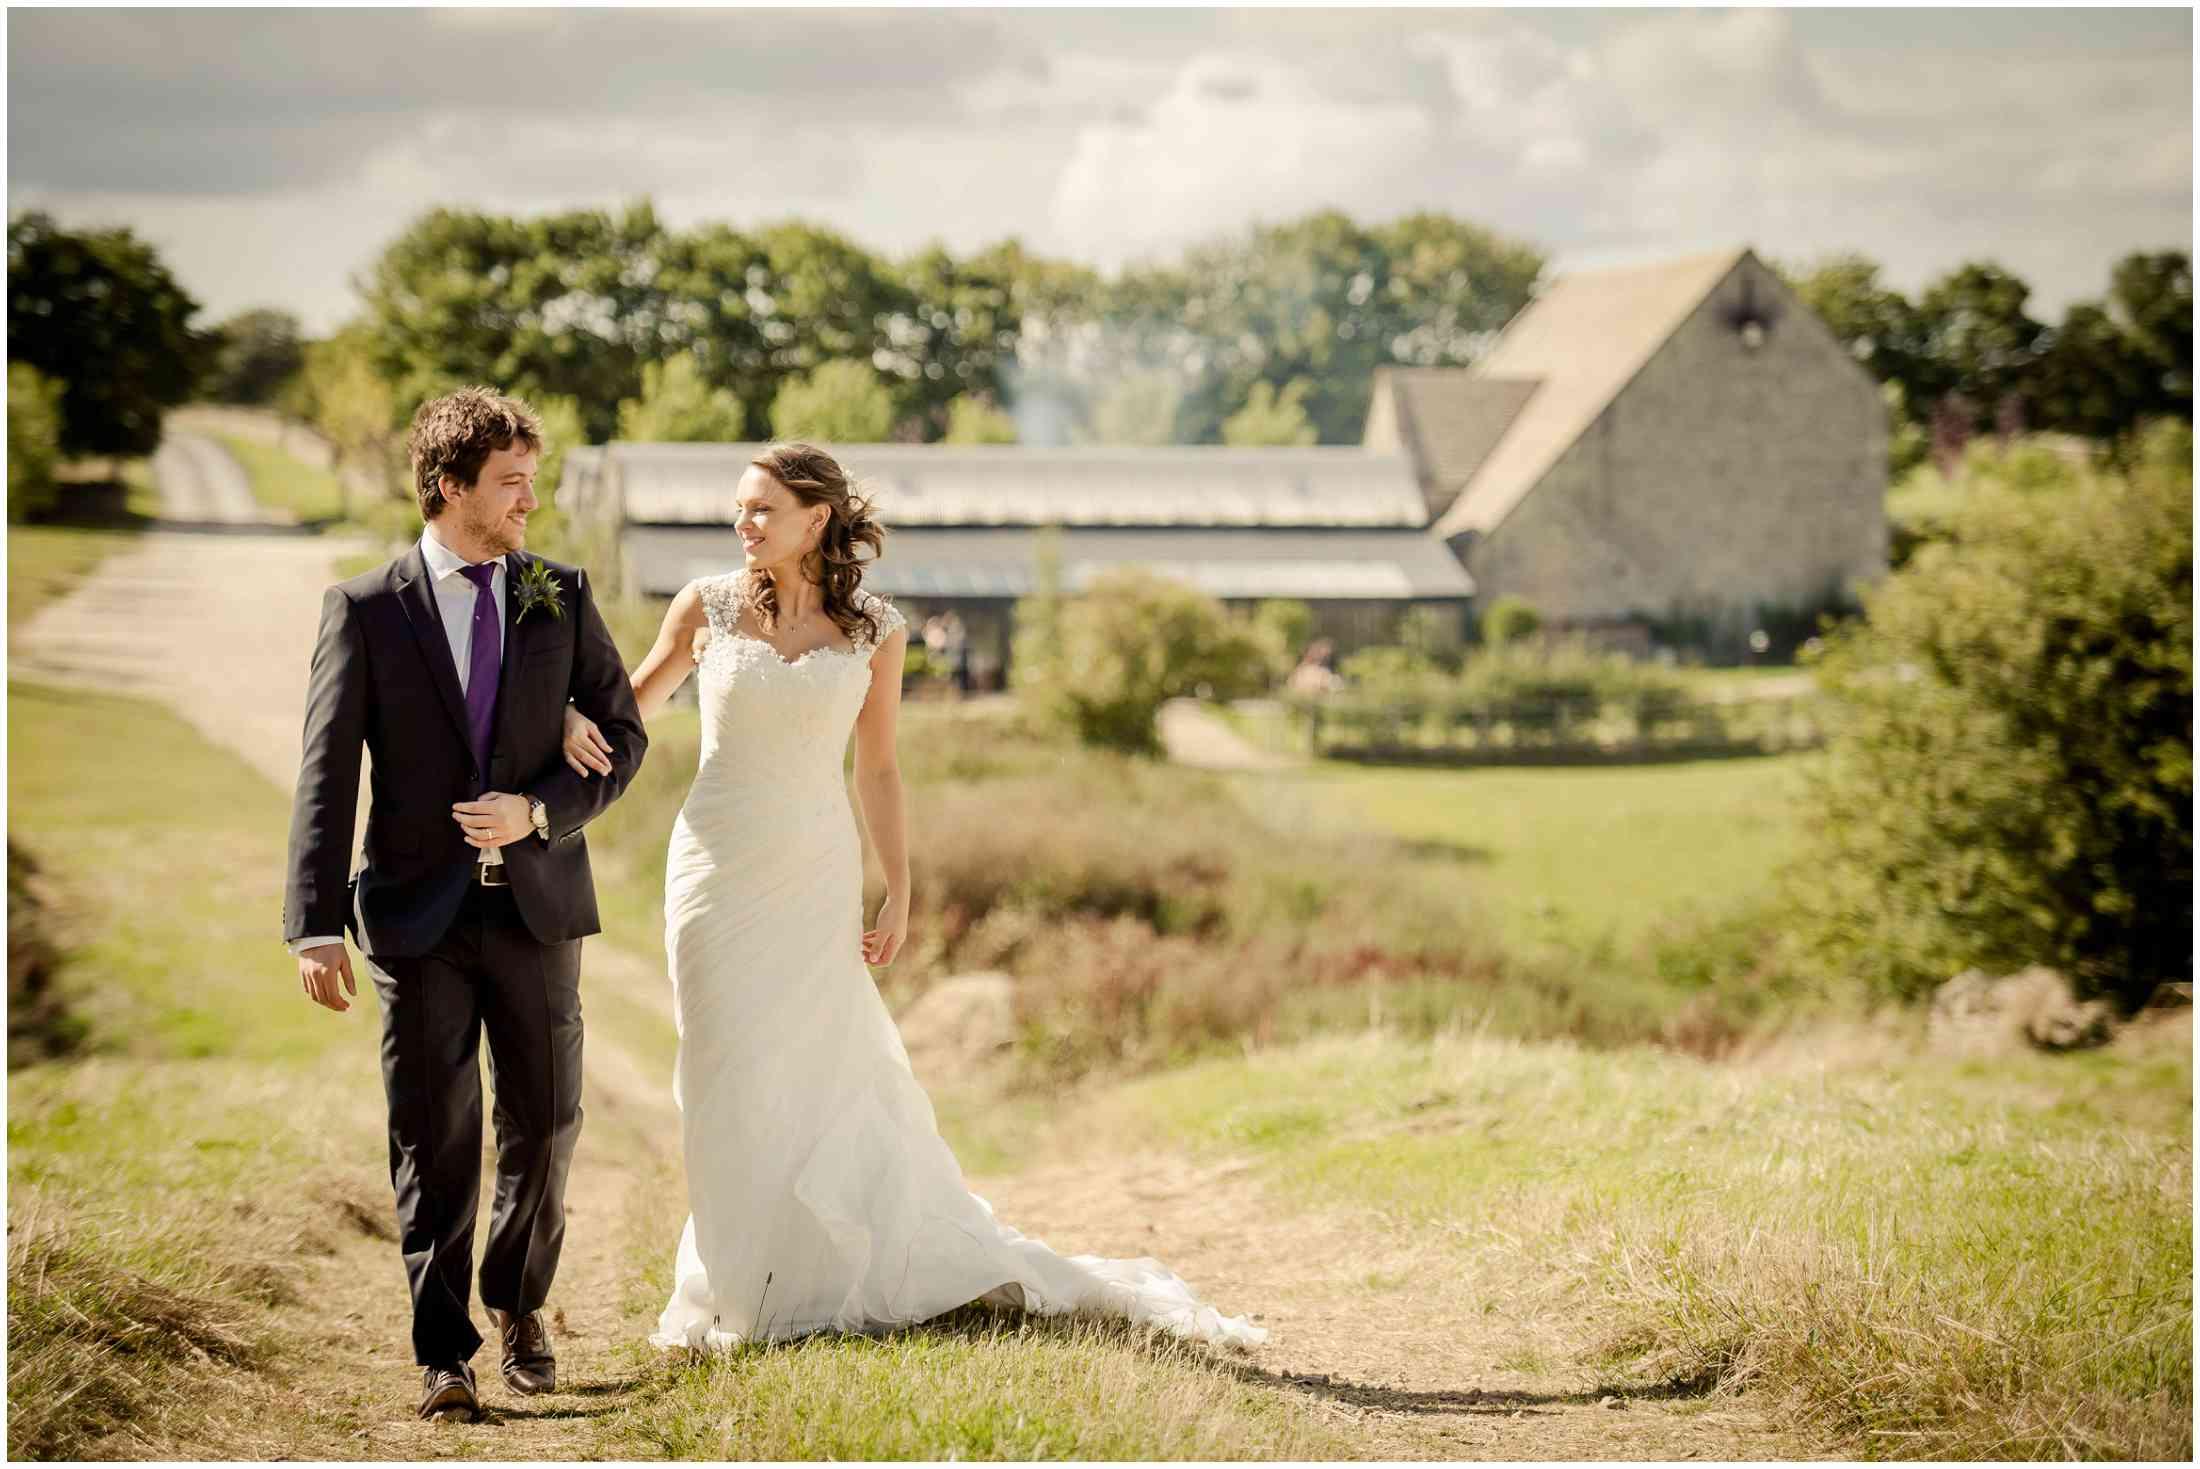 Claire butterworth wedding